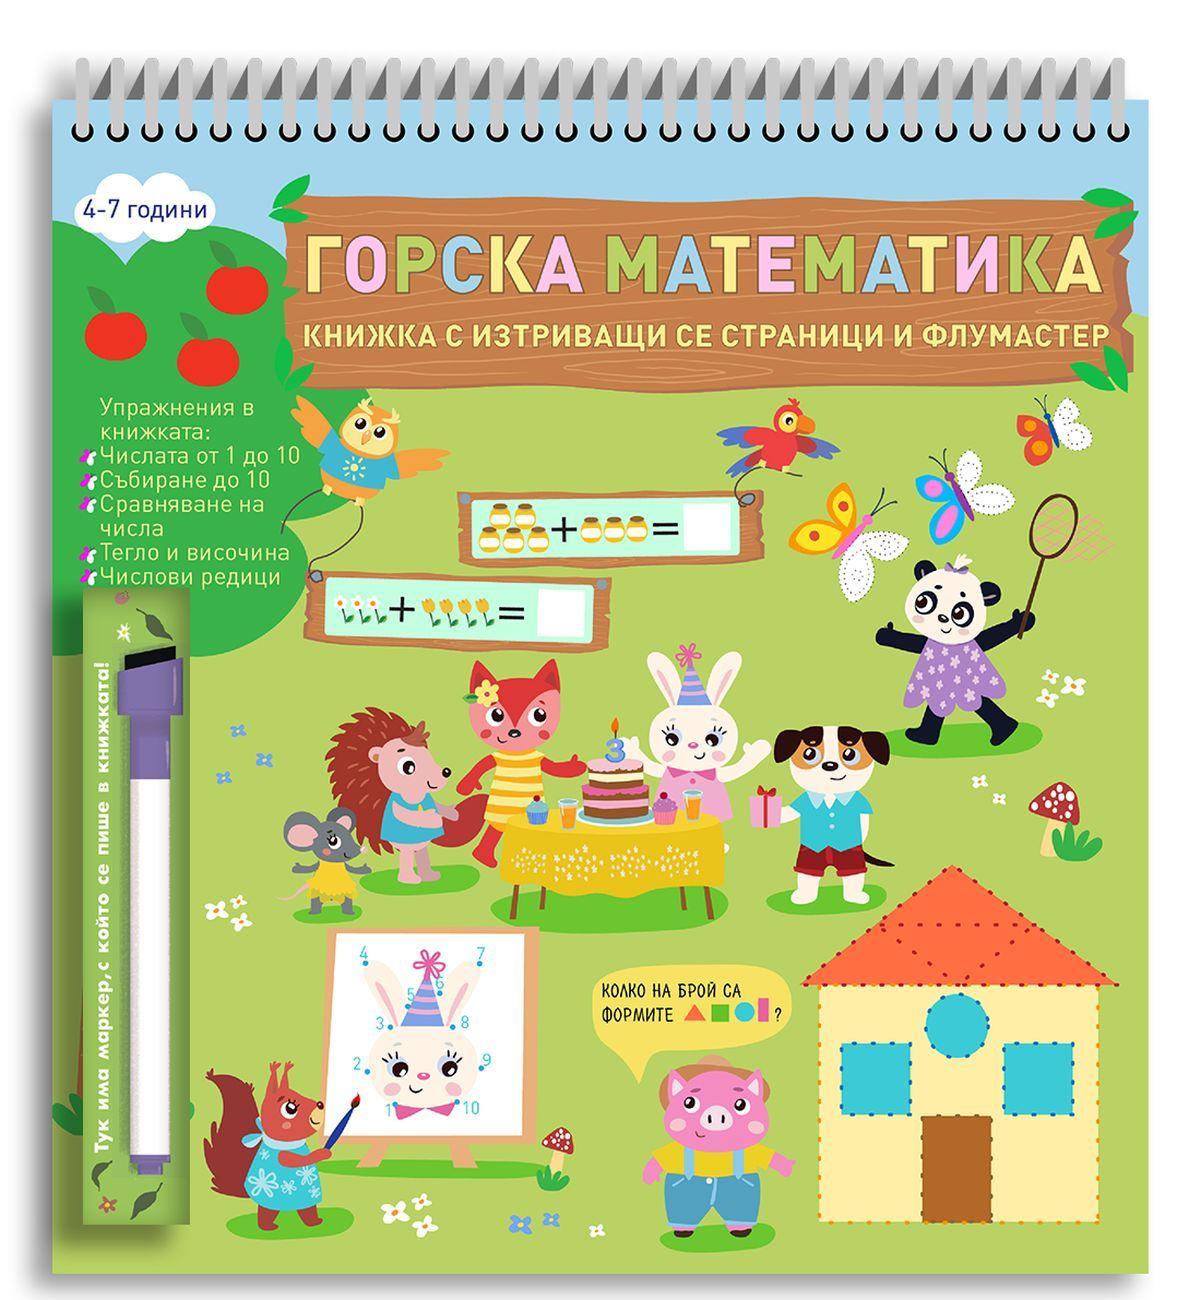 Горска математика (Книжка с изтриващи се страници и флумастер) - 1